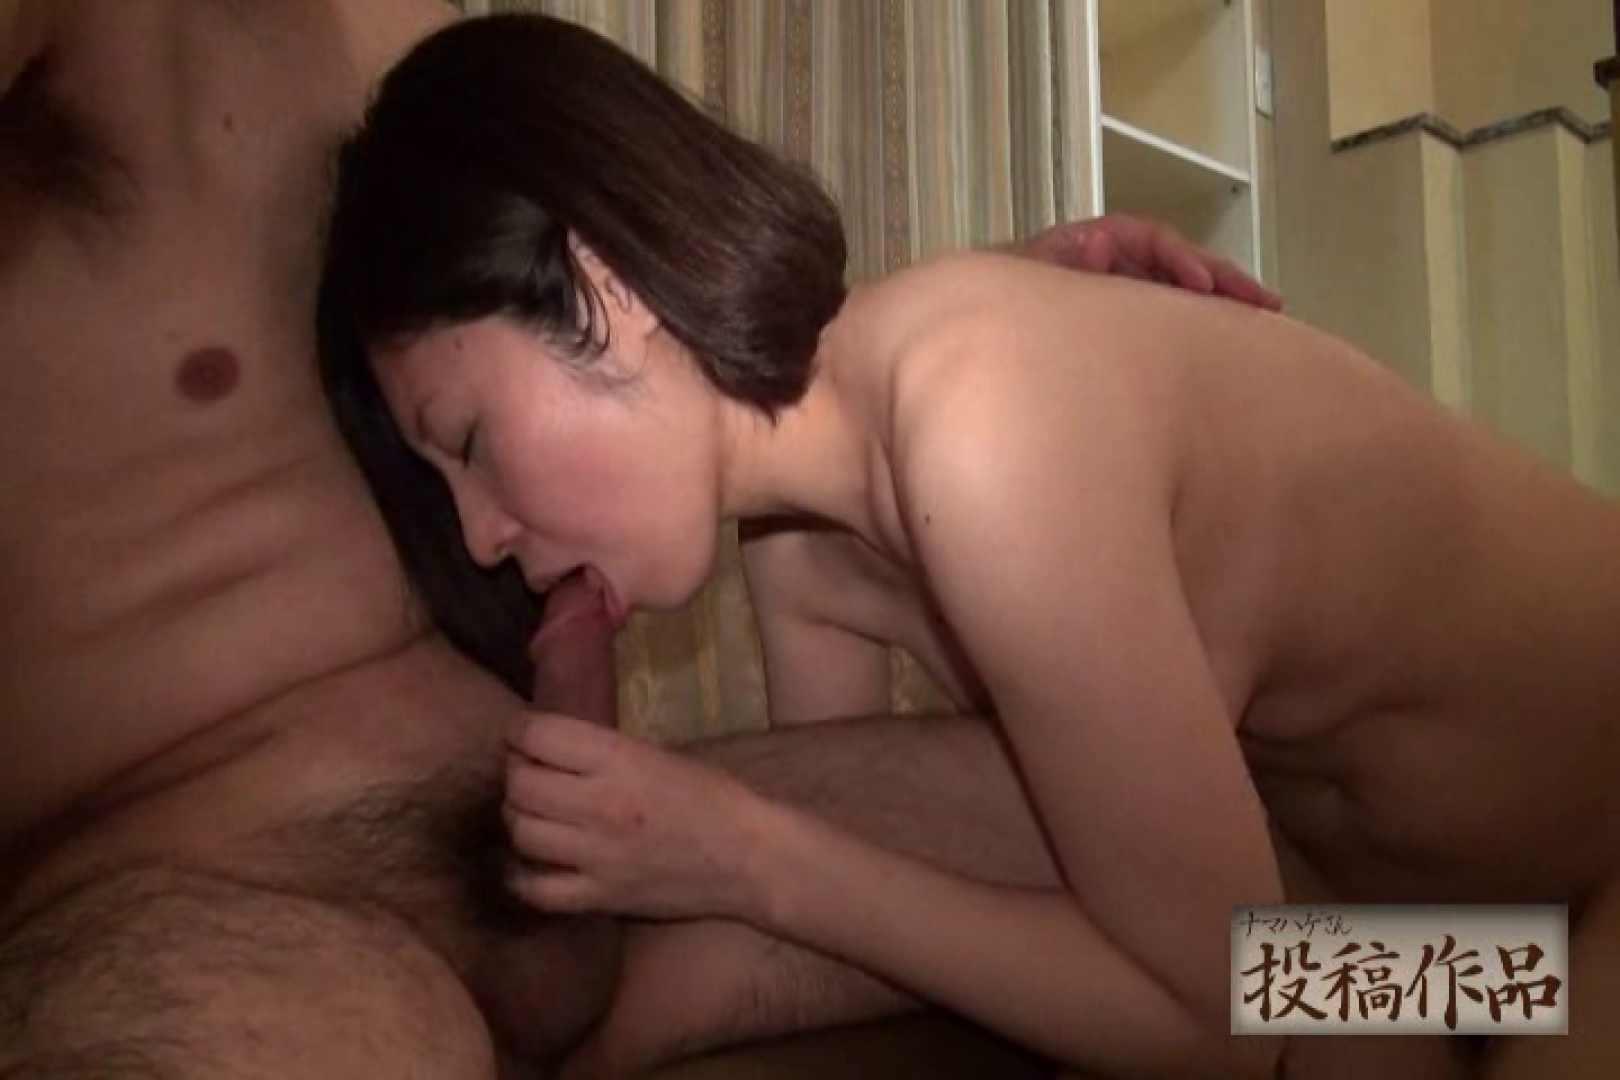 ナマハゲさんのまんこコレクション第二章 nao01 SEX映像 盗み撮り動画 100pic 79